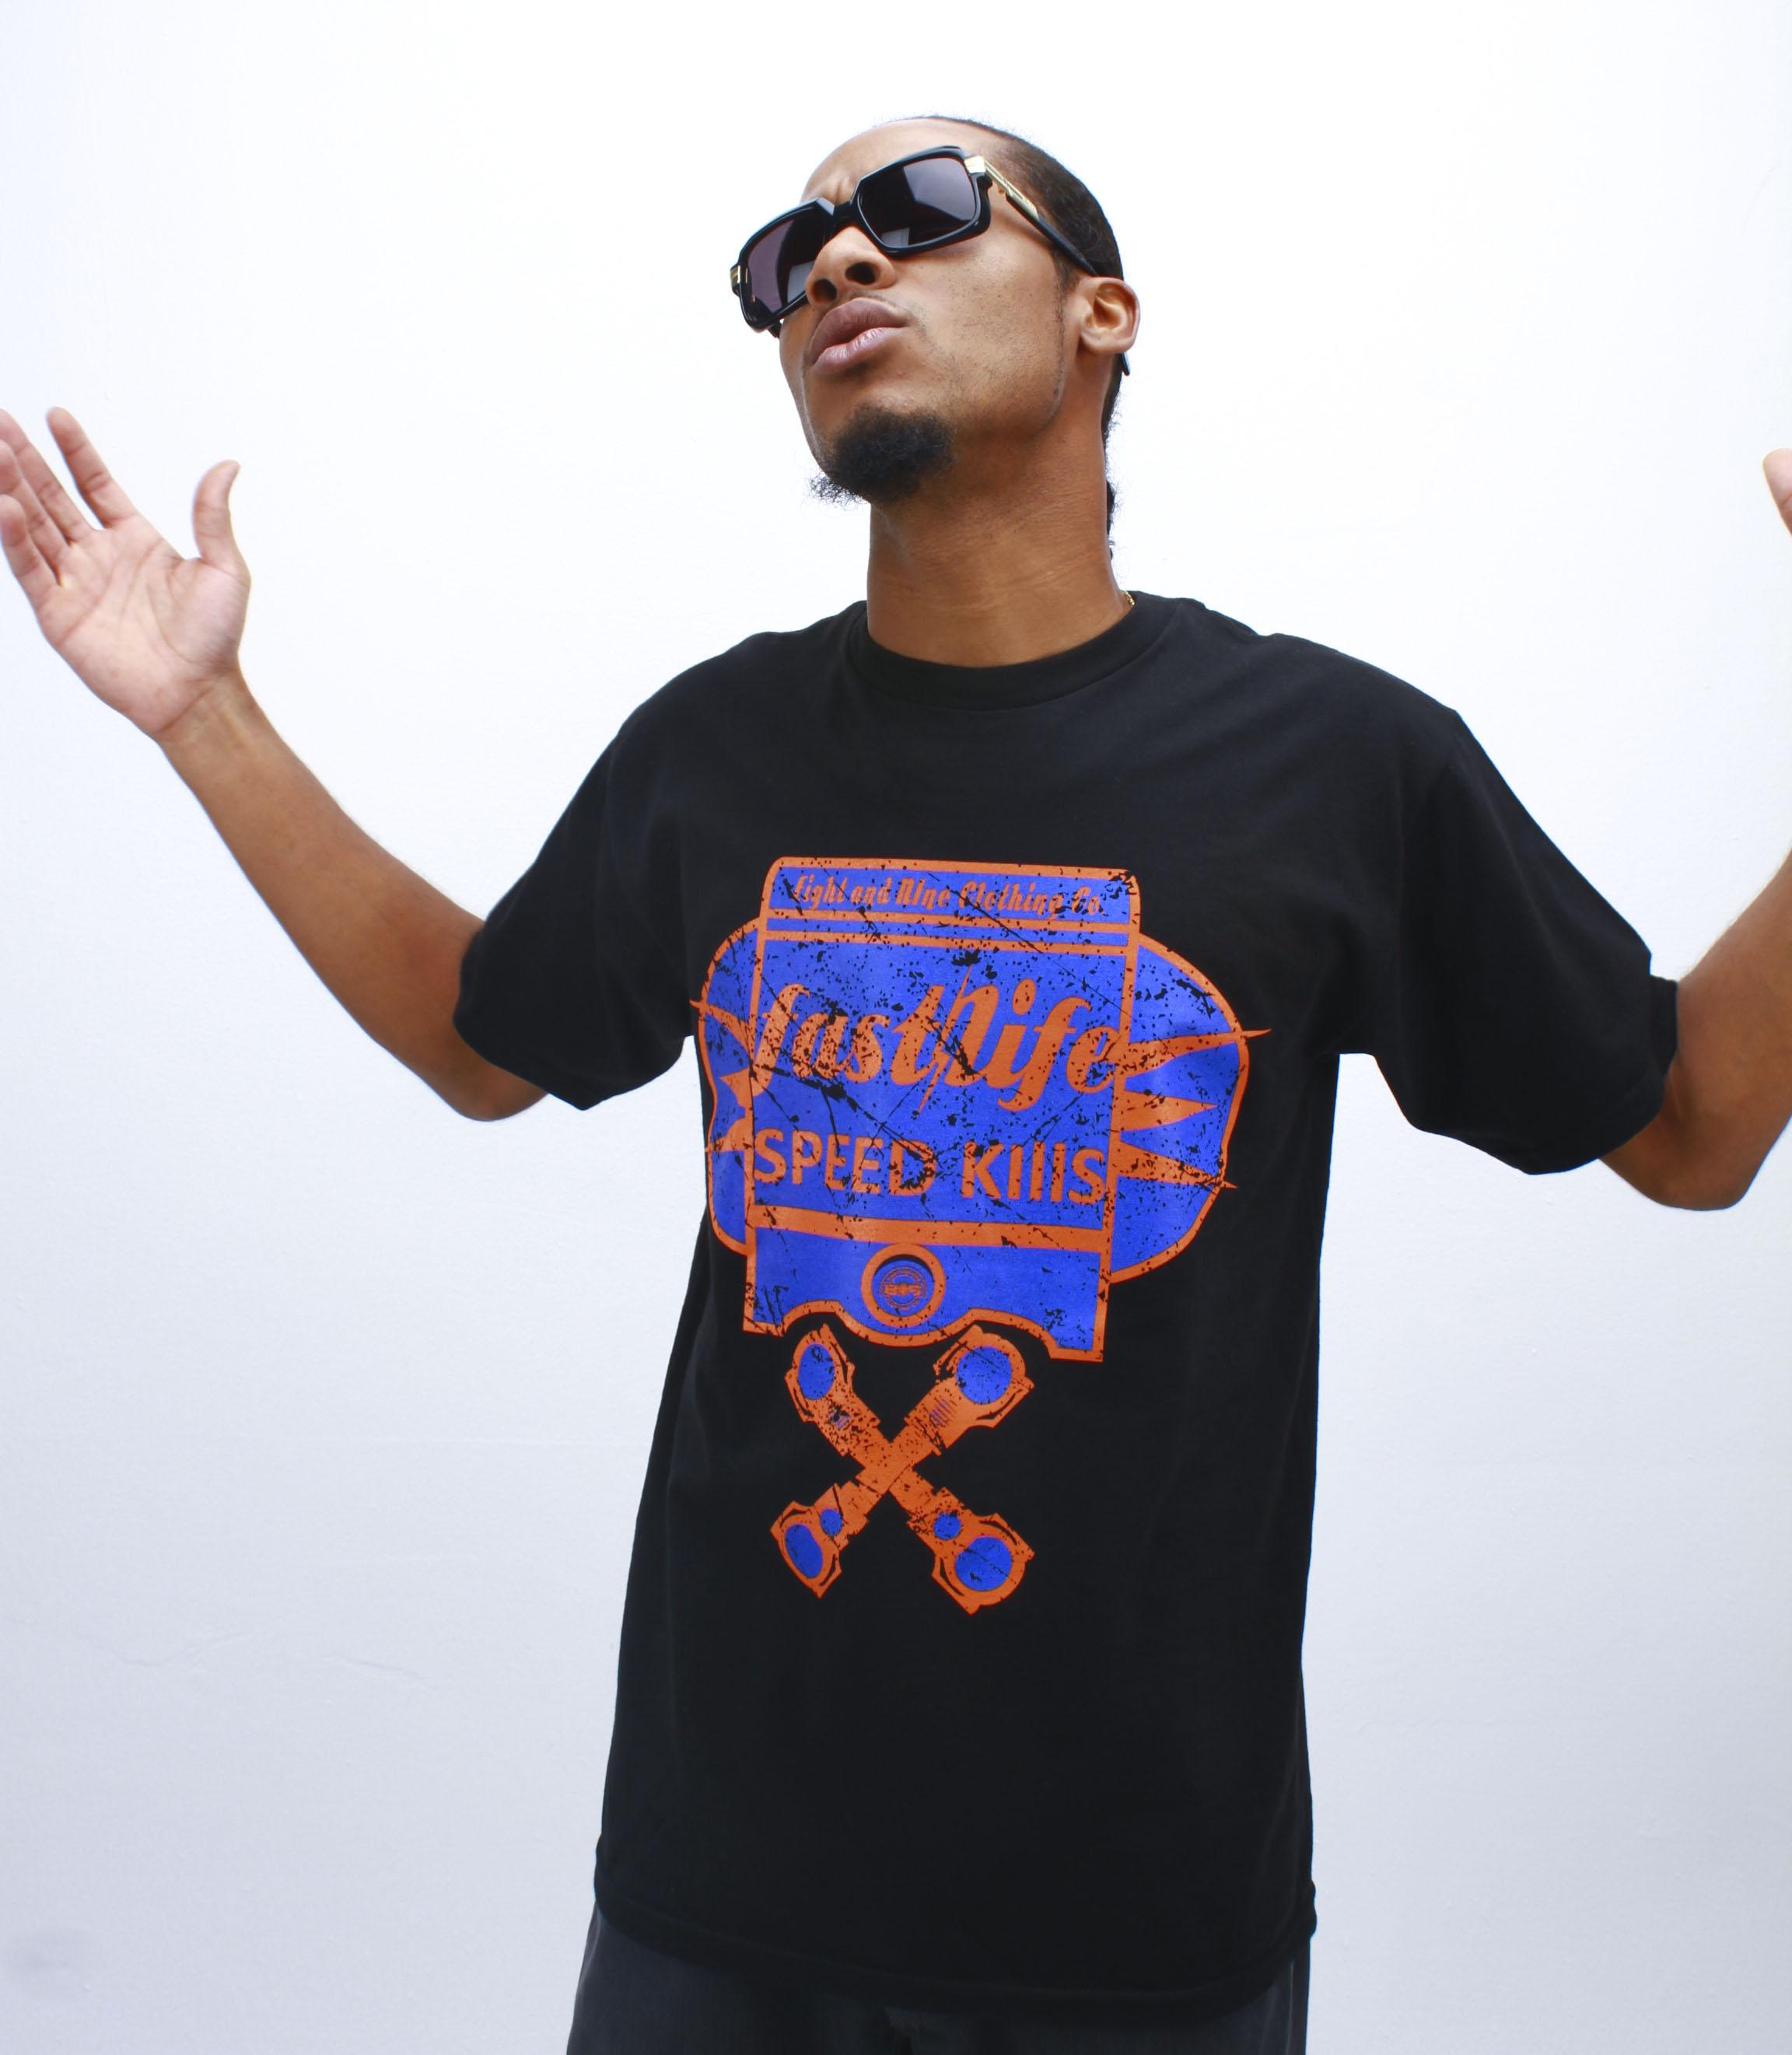 t shirt to match jordan knicks 1